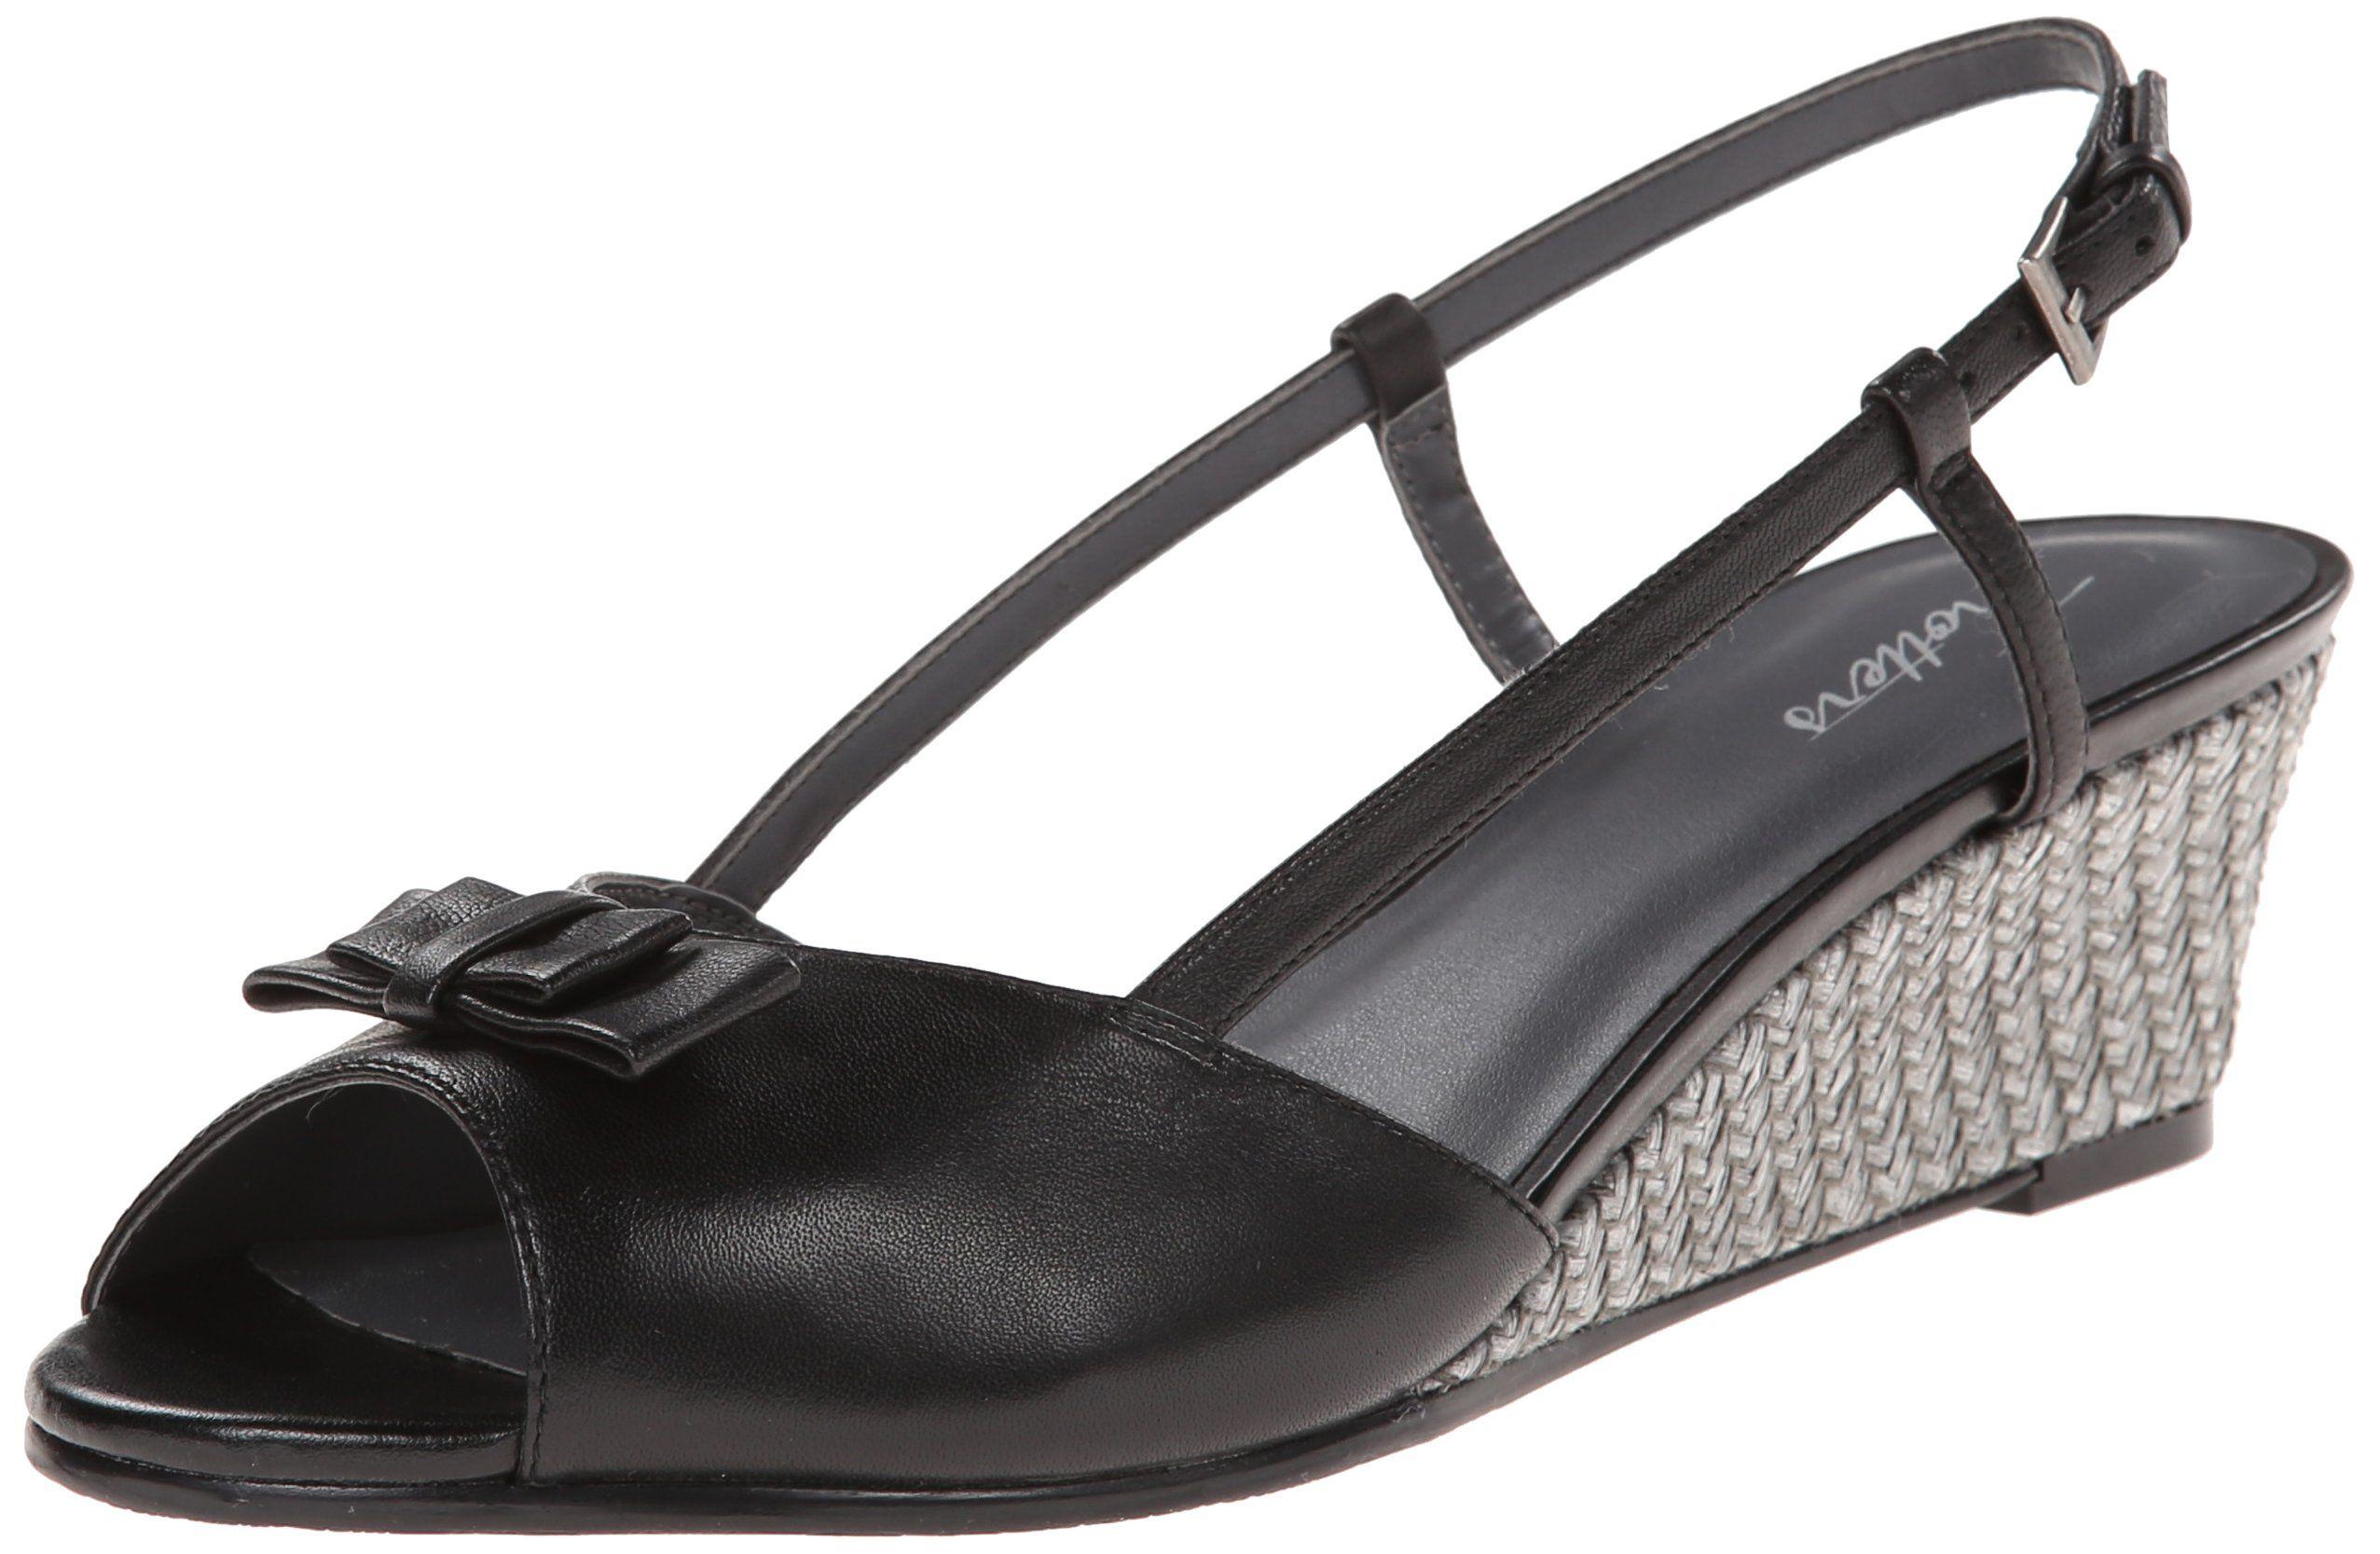 Black wedge sandals 2 inch heel - Trotters Women S Milly Wedge Sandal Black Leather 12 W Us 2 Inch Wedge